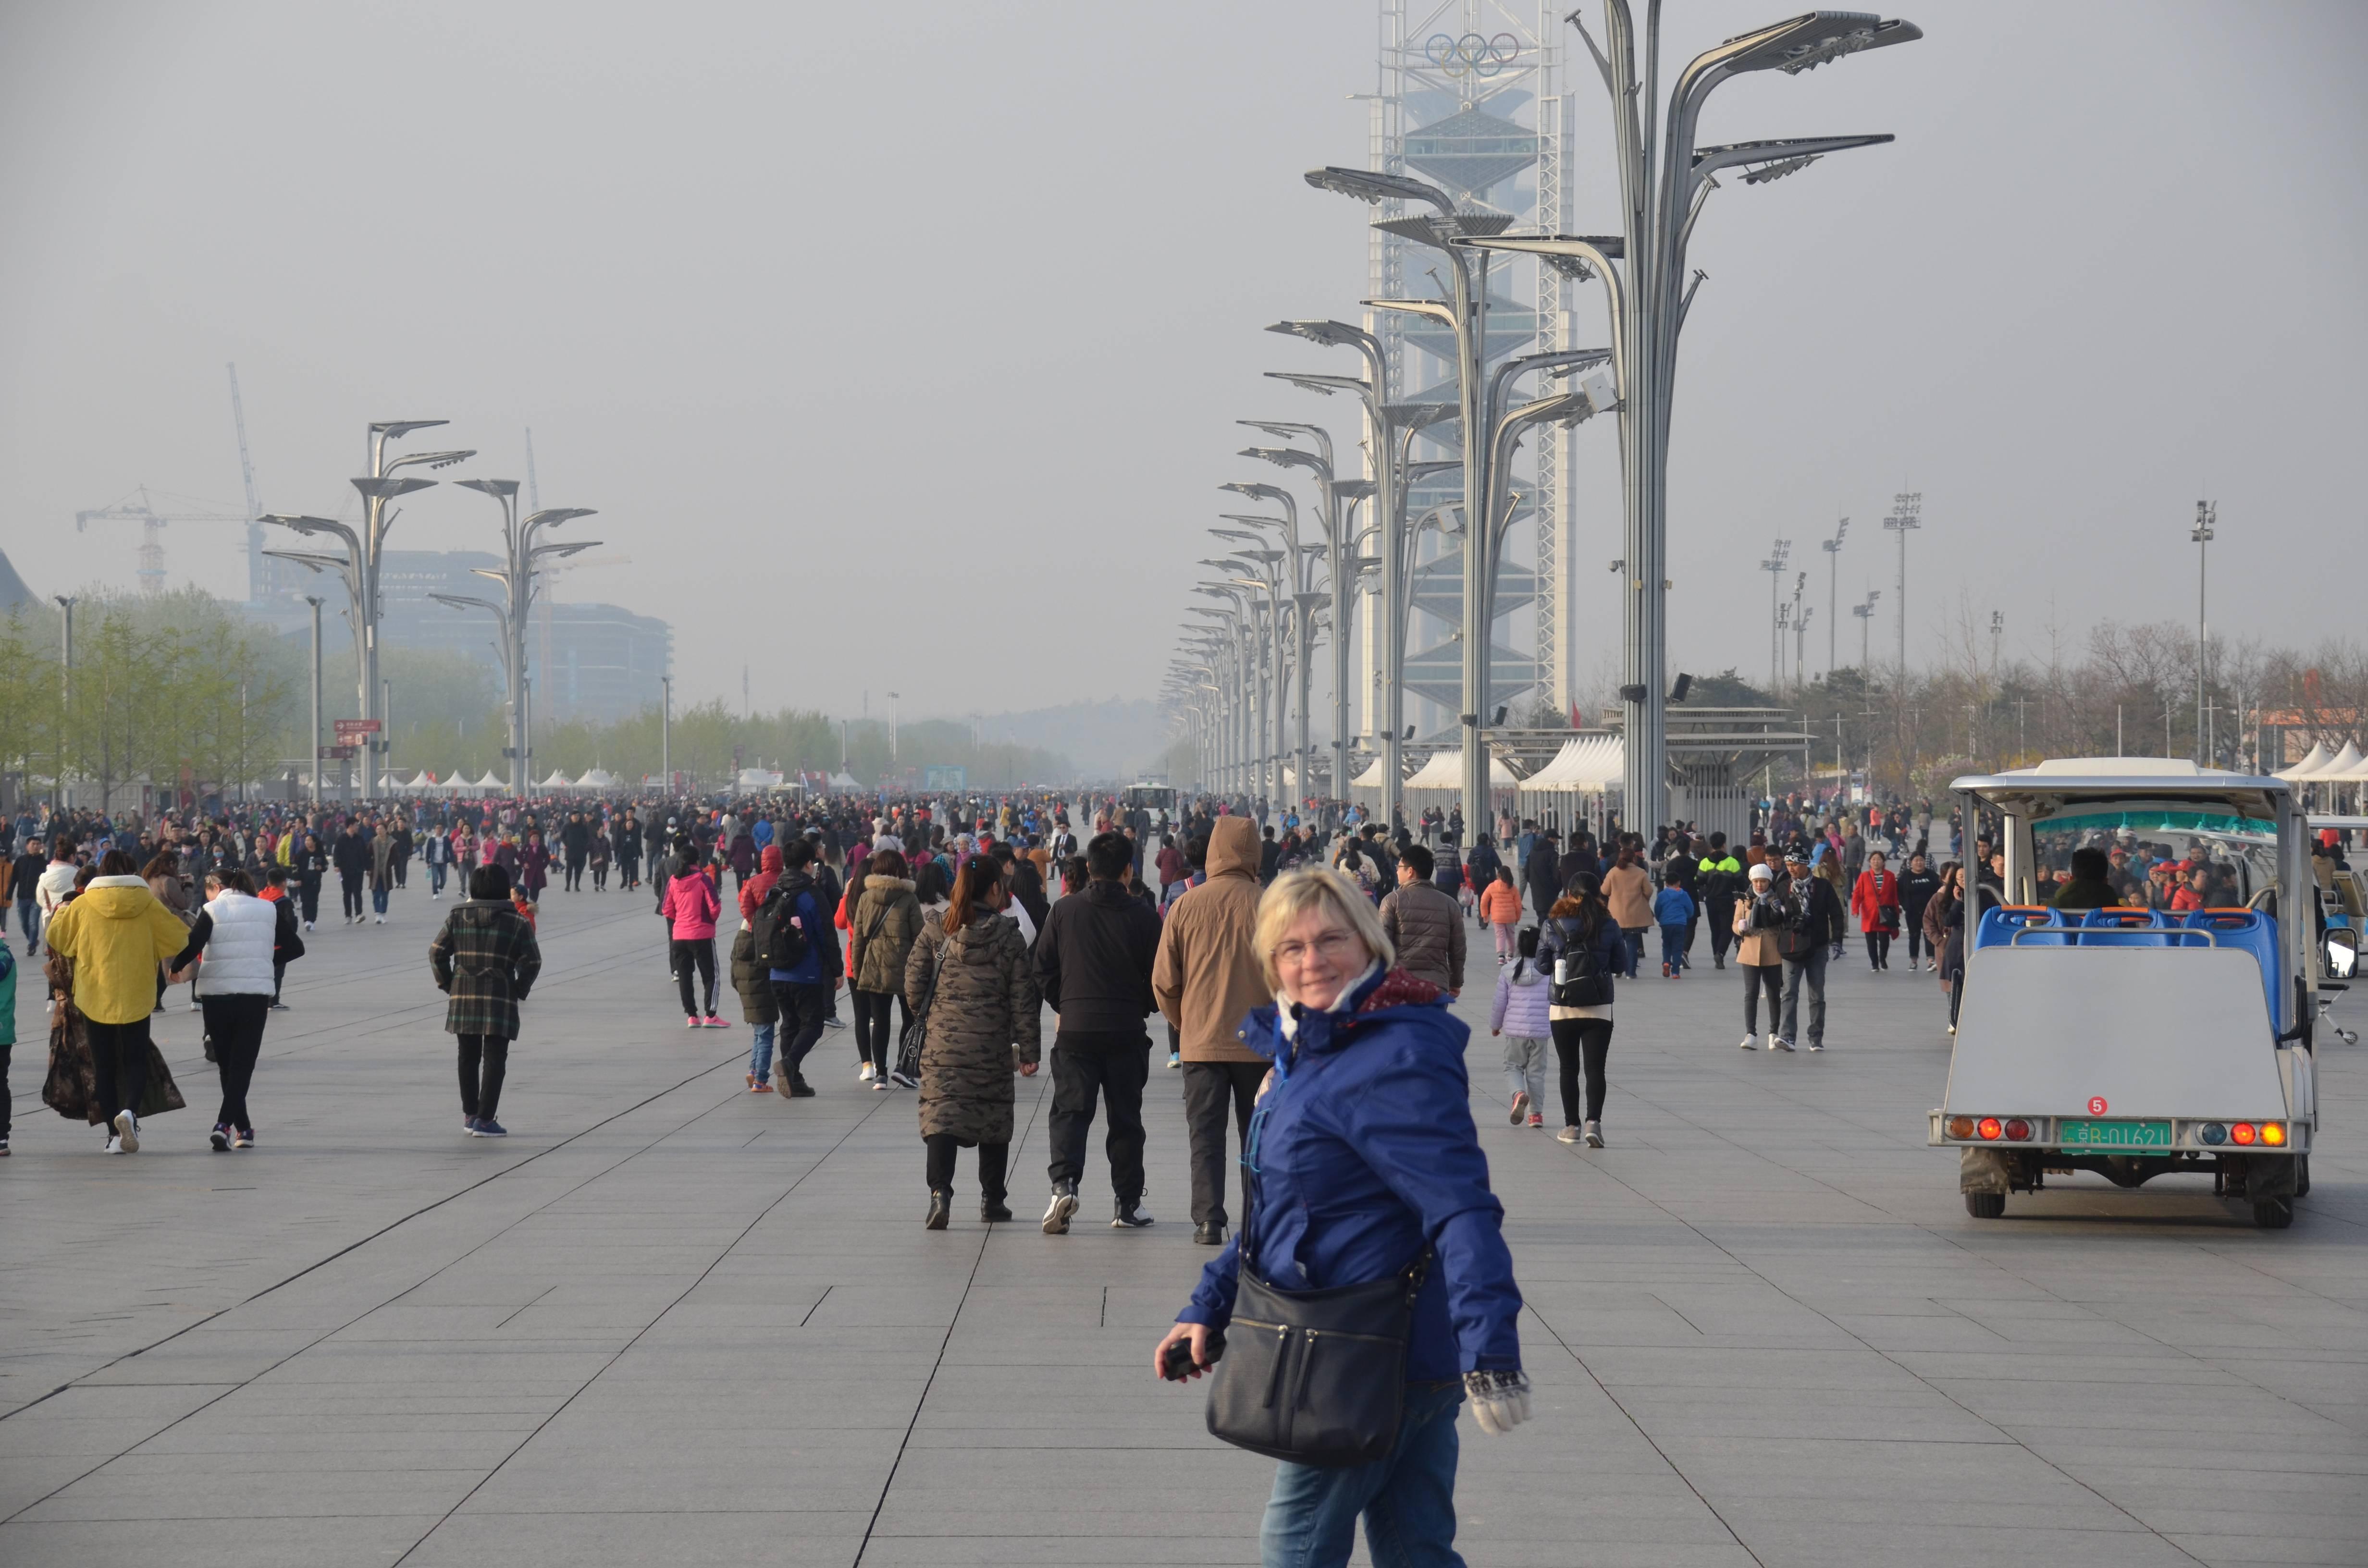 Photo 3: Le Parc des Jeux Olympiques de 2008 à Pékin... une autre vision de cette mégapole...